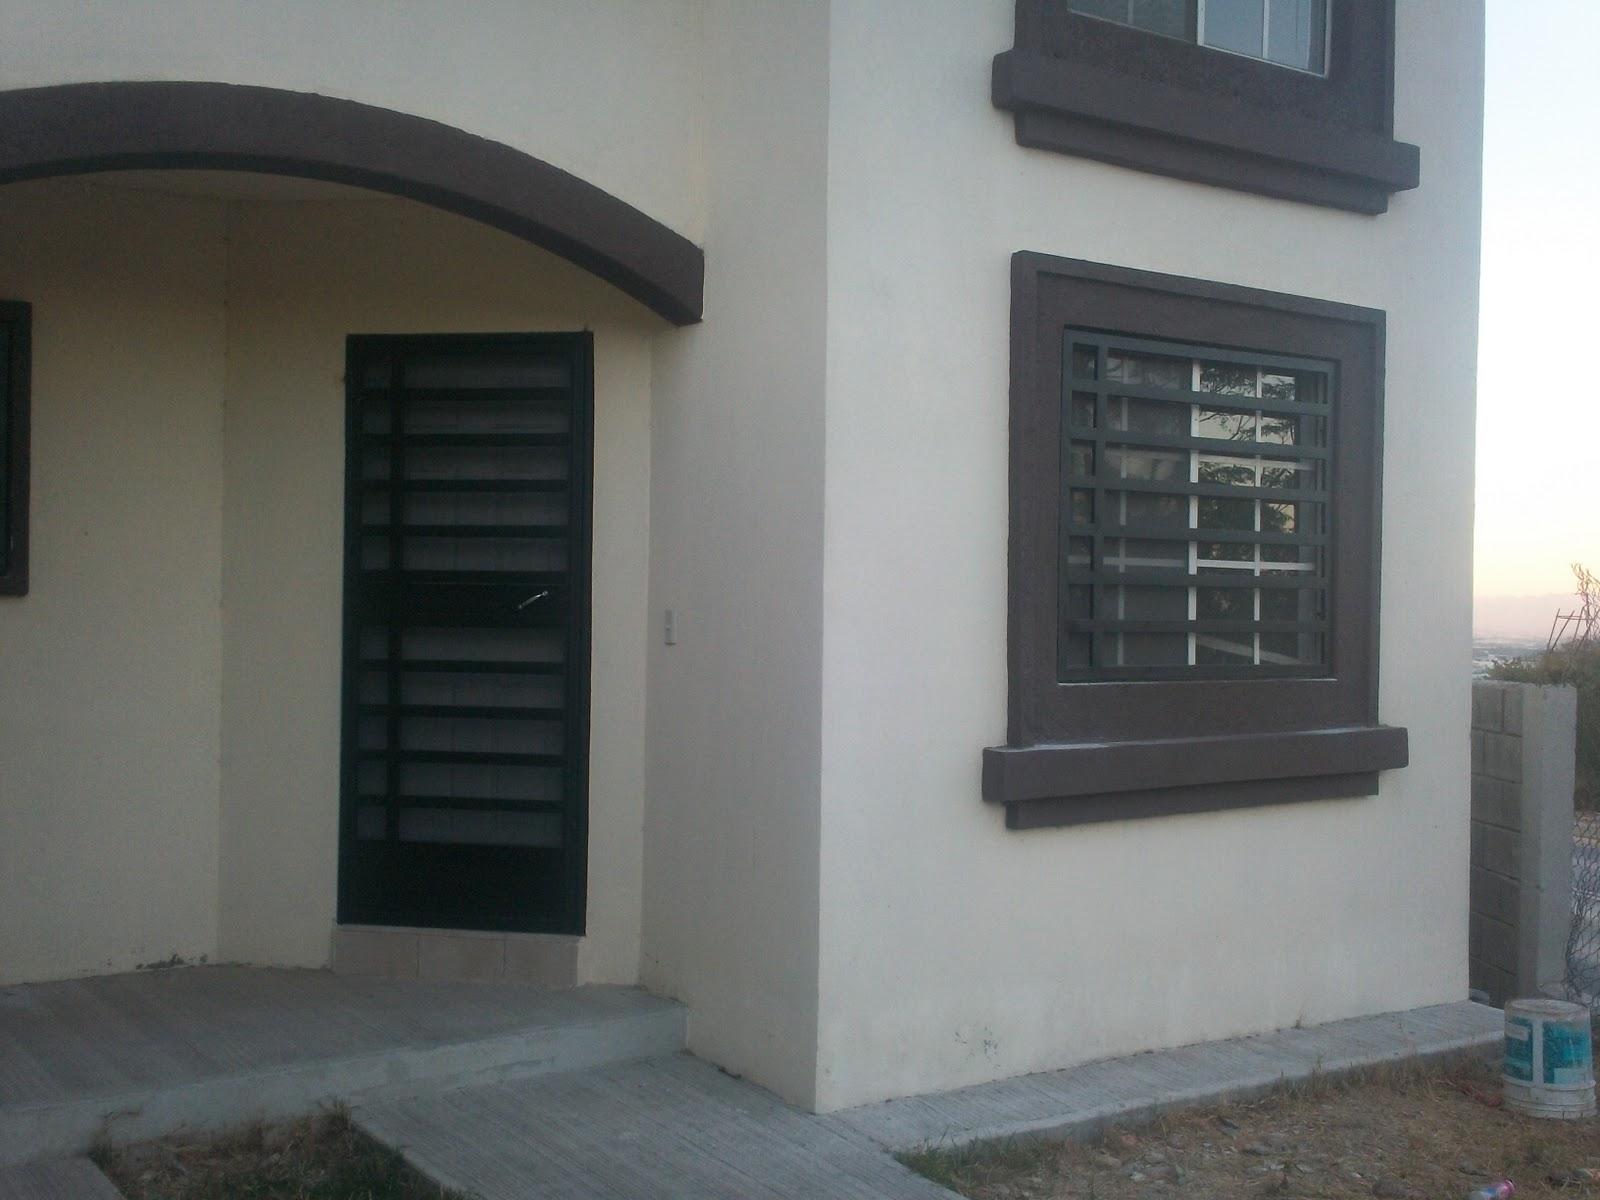 Protectores para ventanas puertas hierro forjado kamistad - Rejas de hierro forjado ...